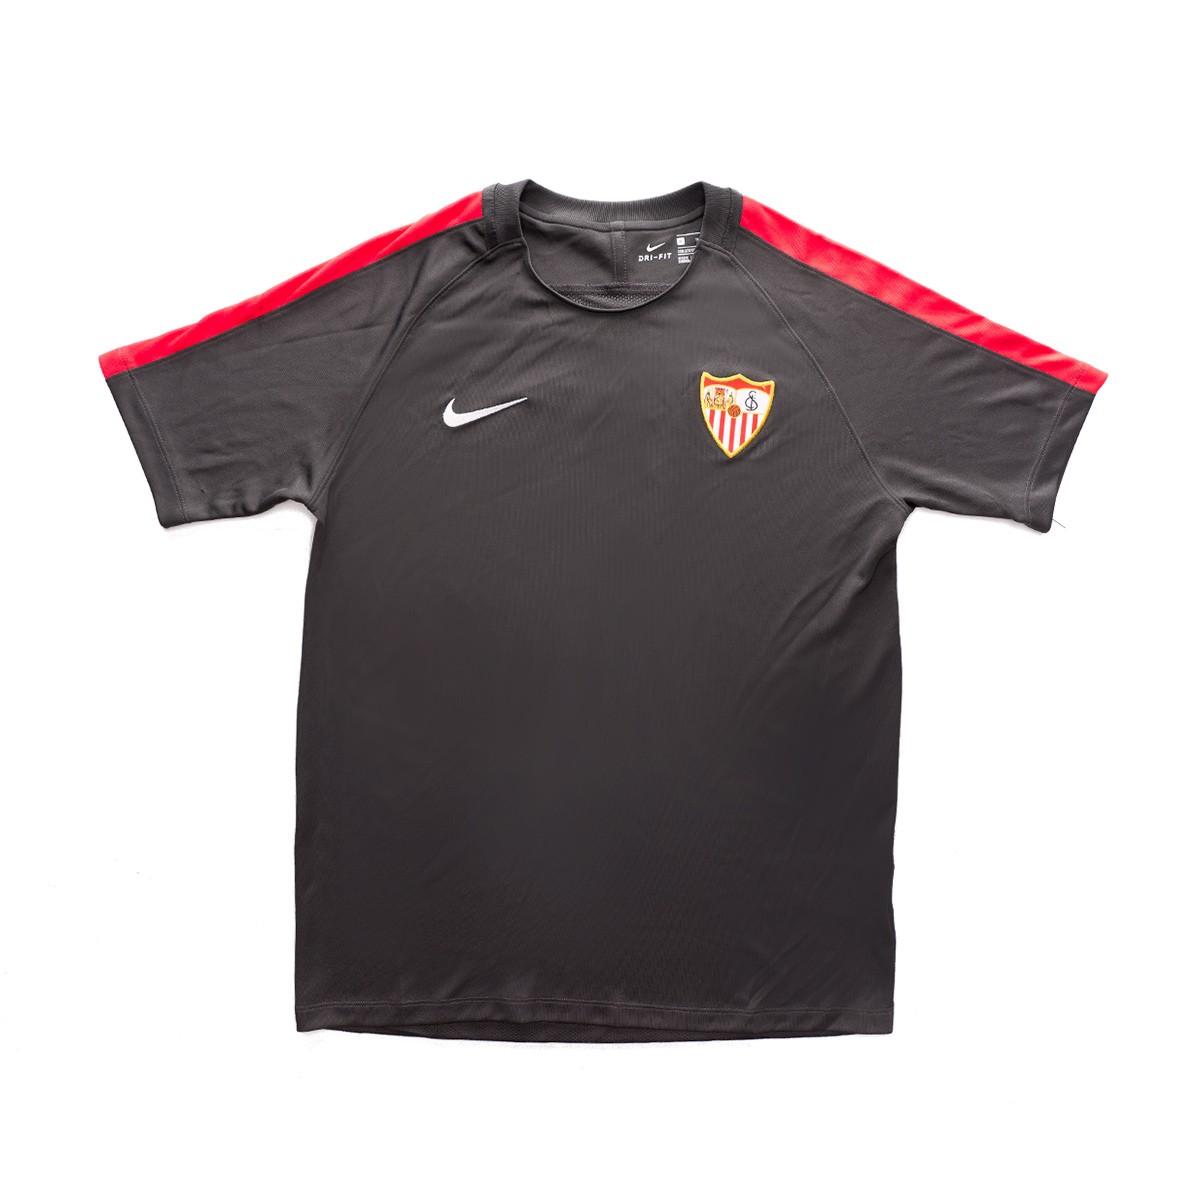 Compatible con Álbum de graduación crecimiento  Camiseta Nike Sevilla FC Training 2018-2019 Niño Grey - Tienda de fútbol  Fútbol Emotion